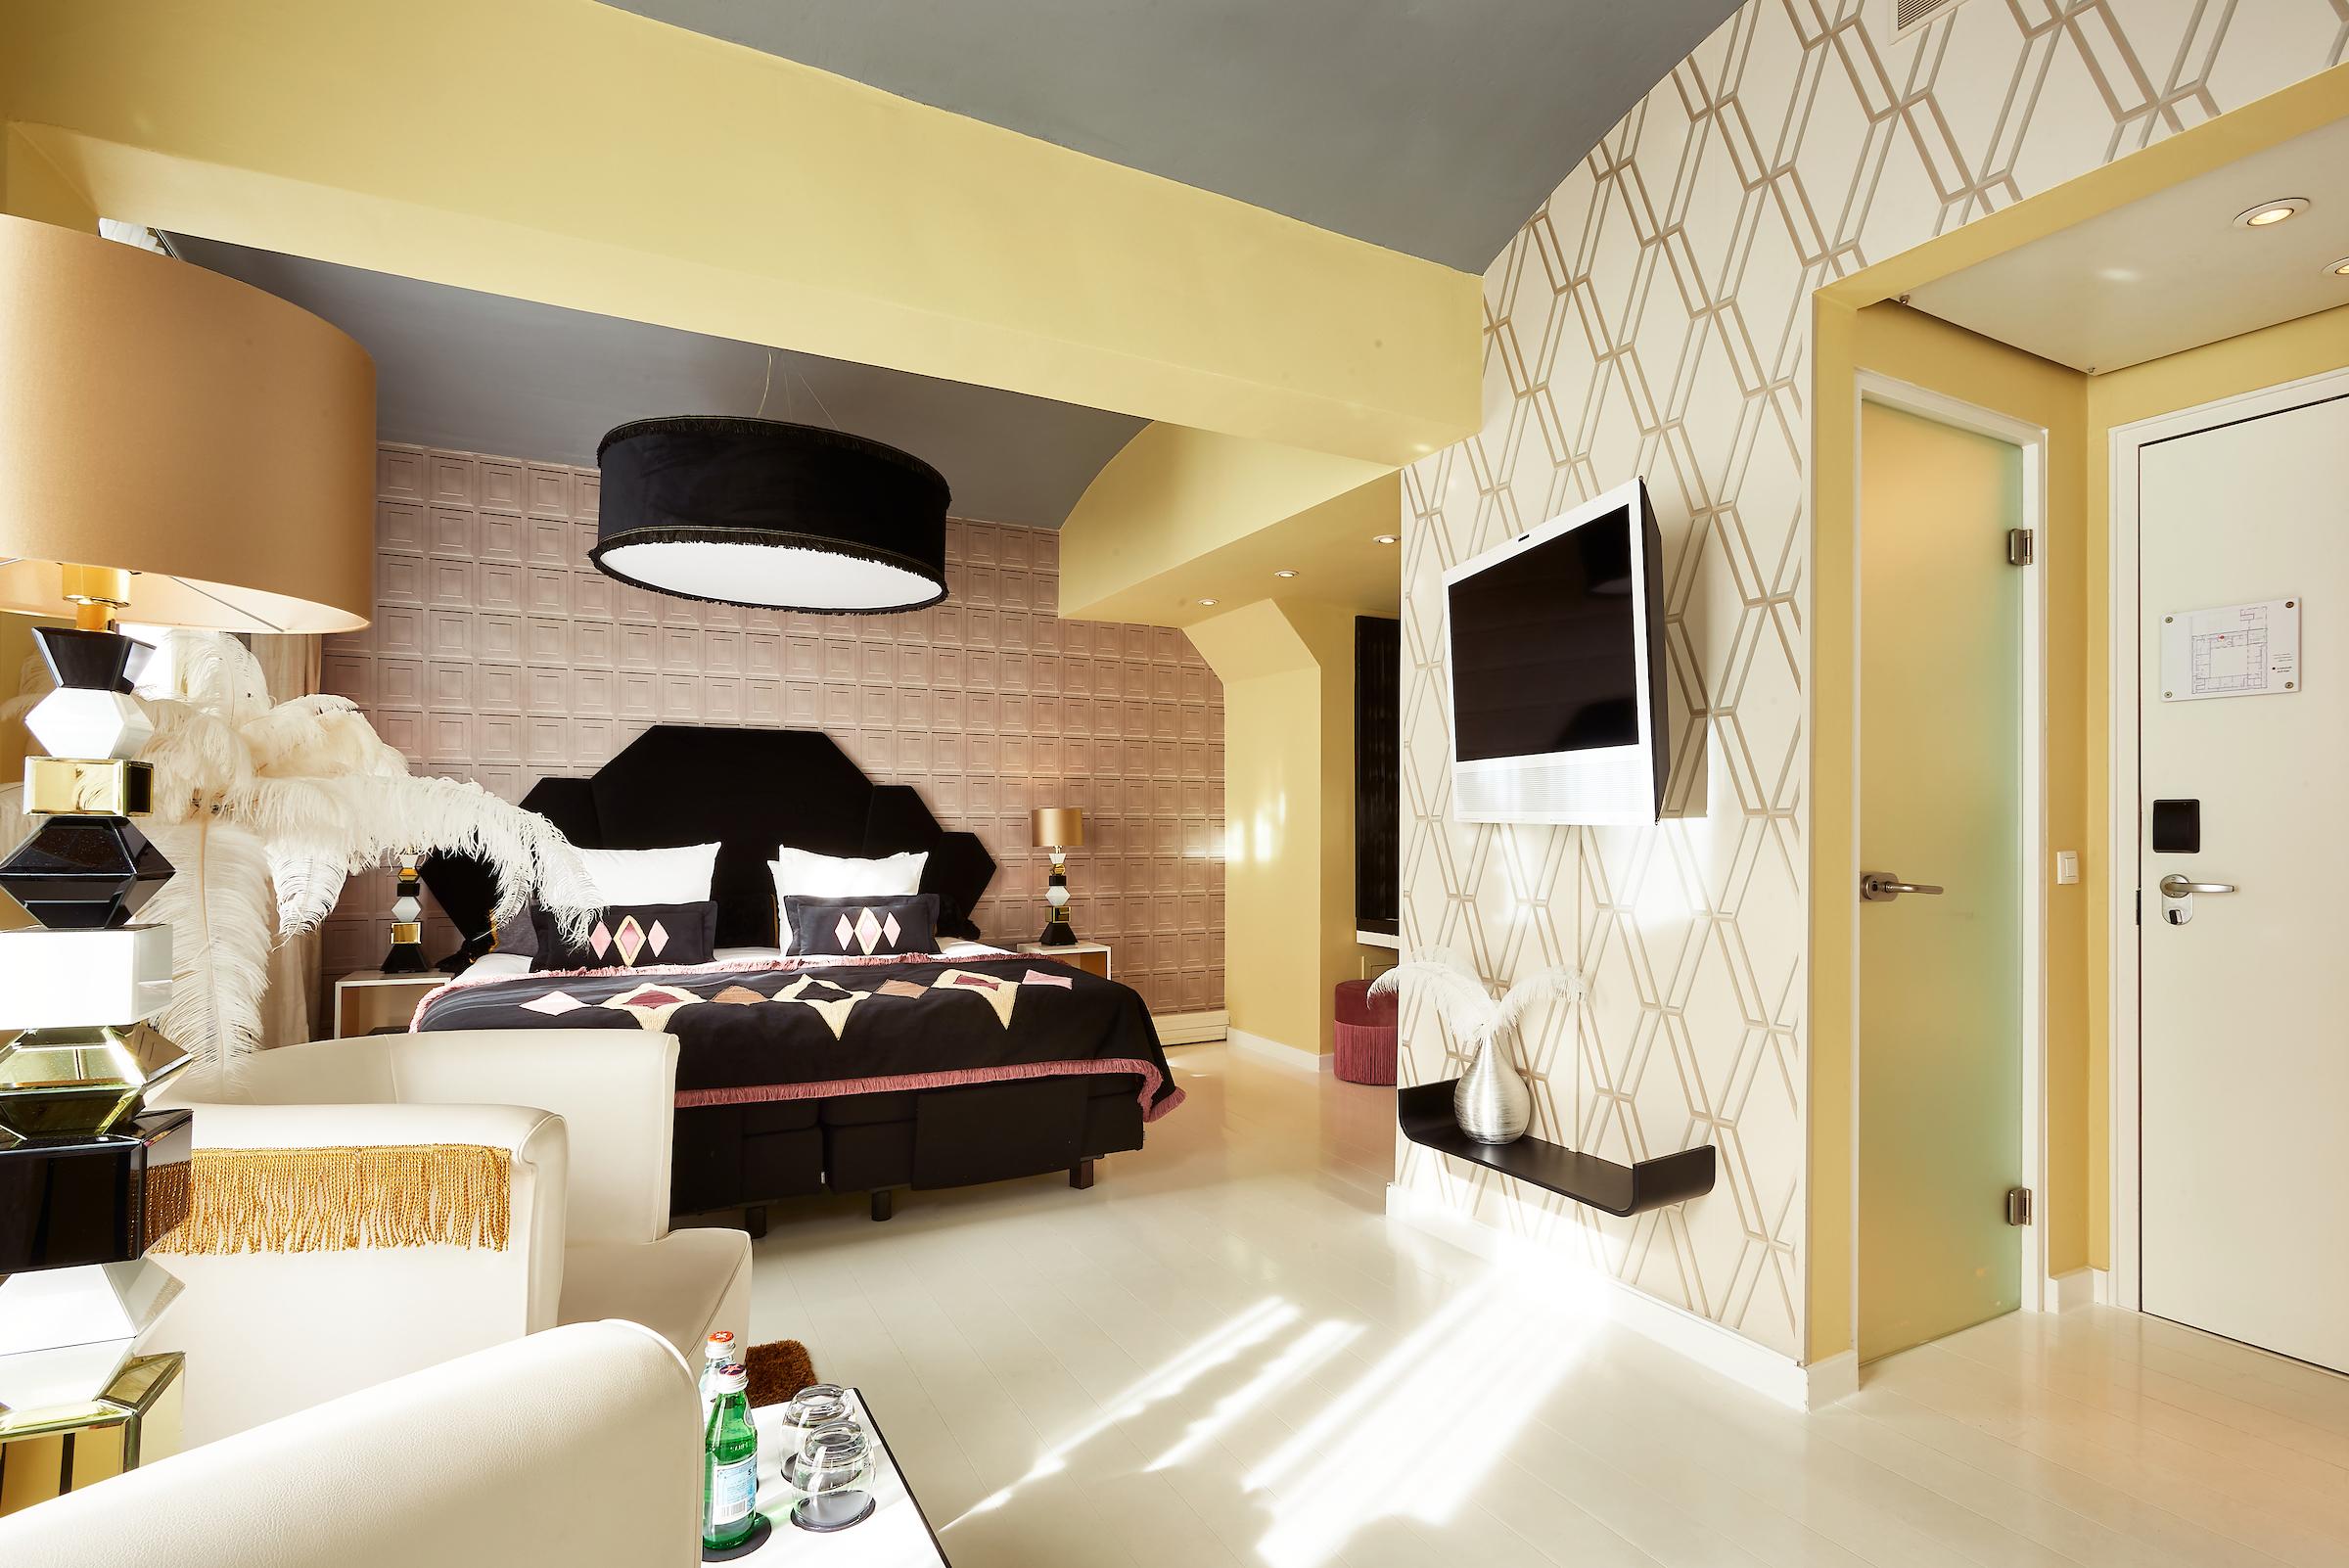 Ingrid van der Veen interieur design Hotel Librije hotelkamer Vanille bed